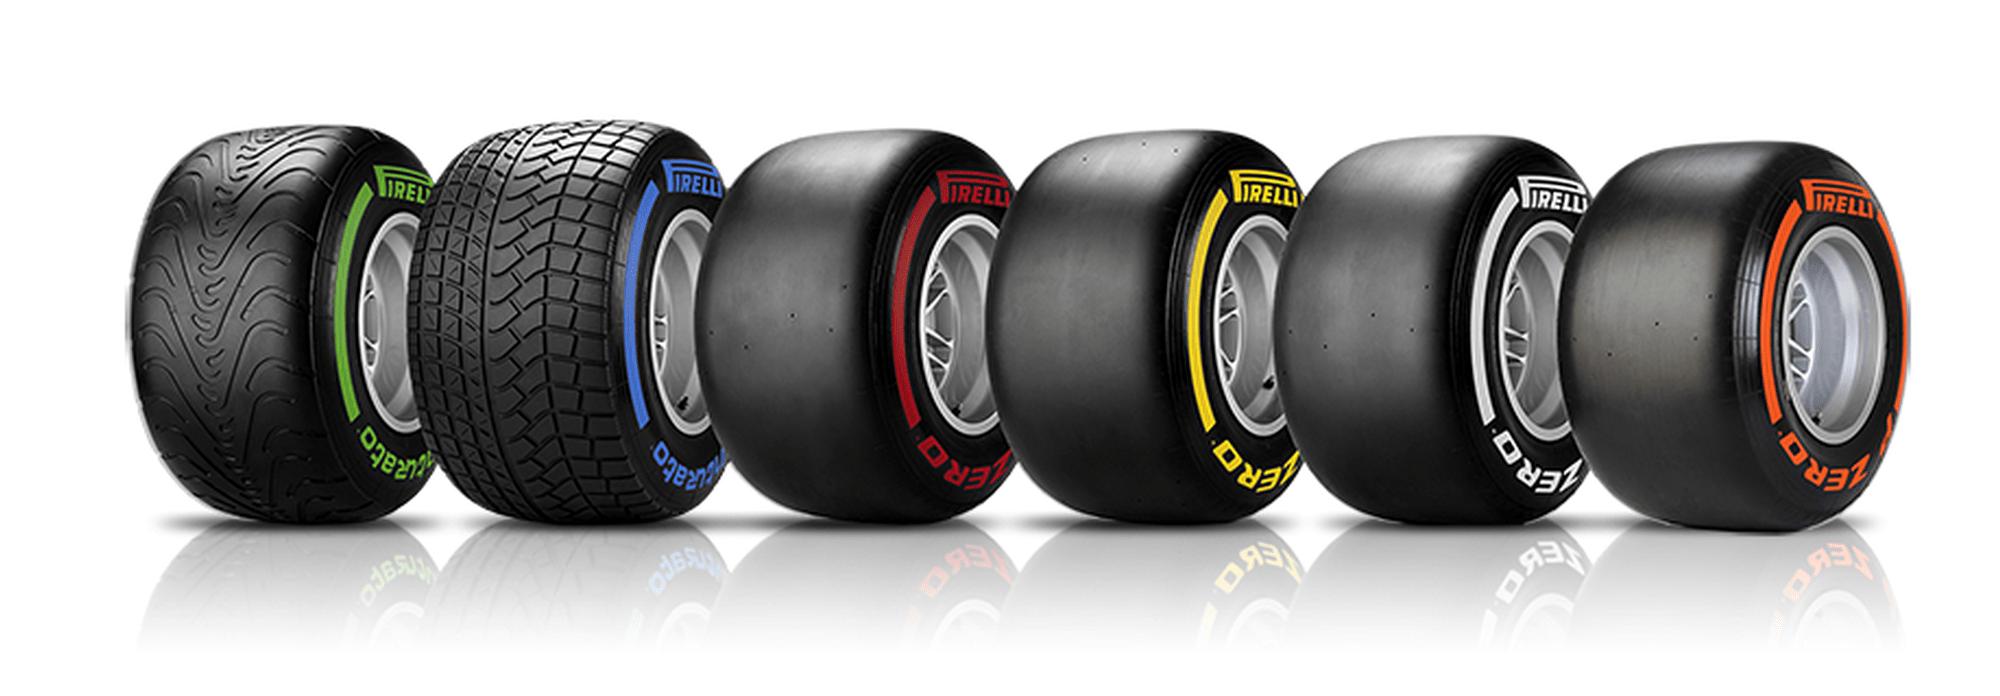 Pirelli F1 Däck 2015